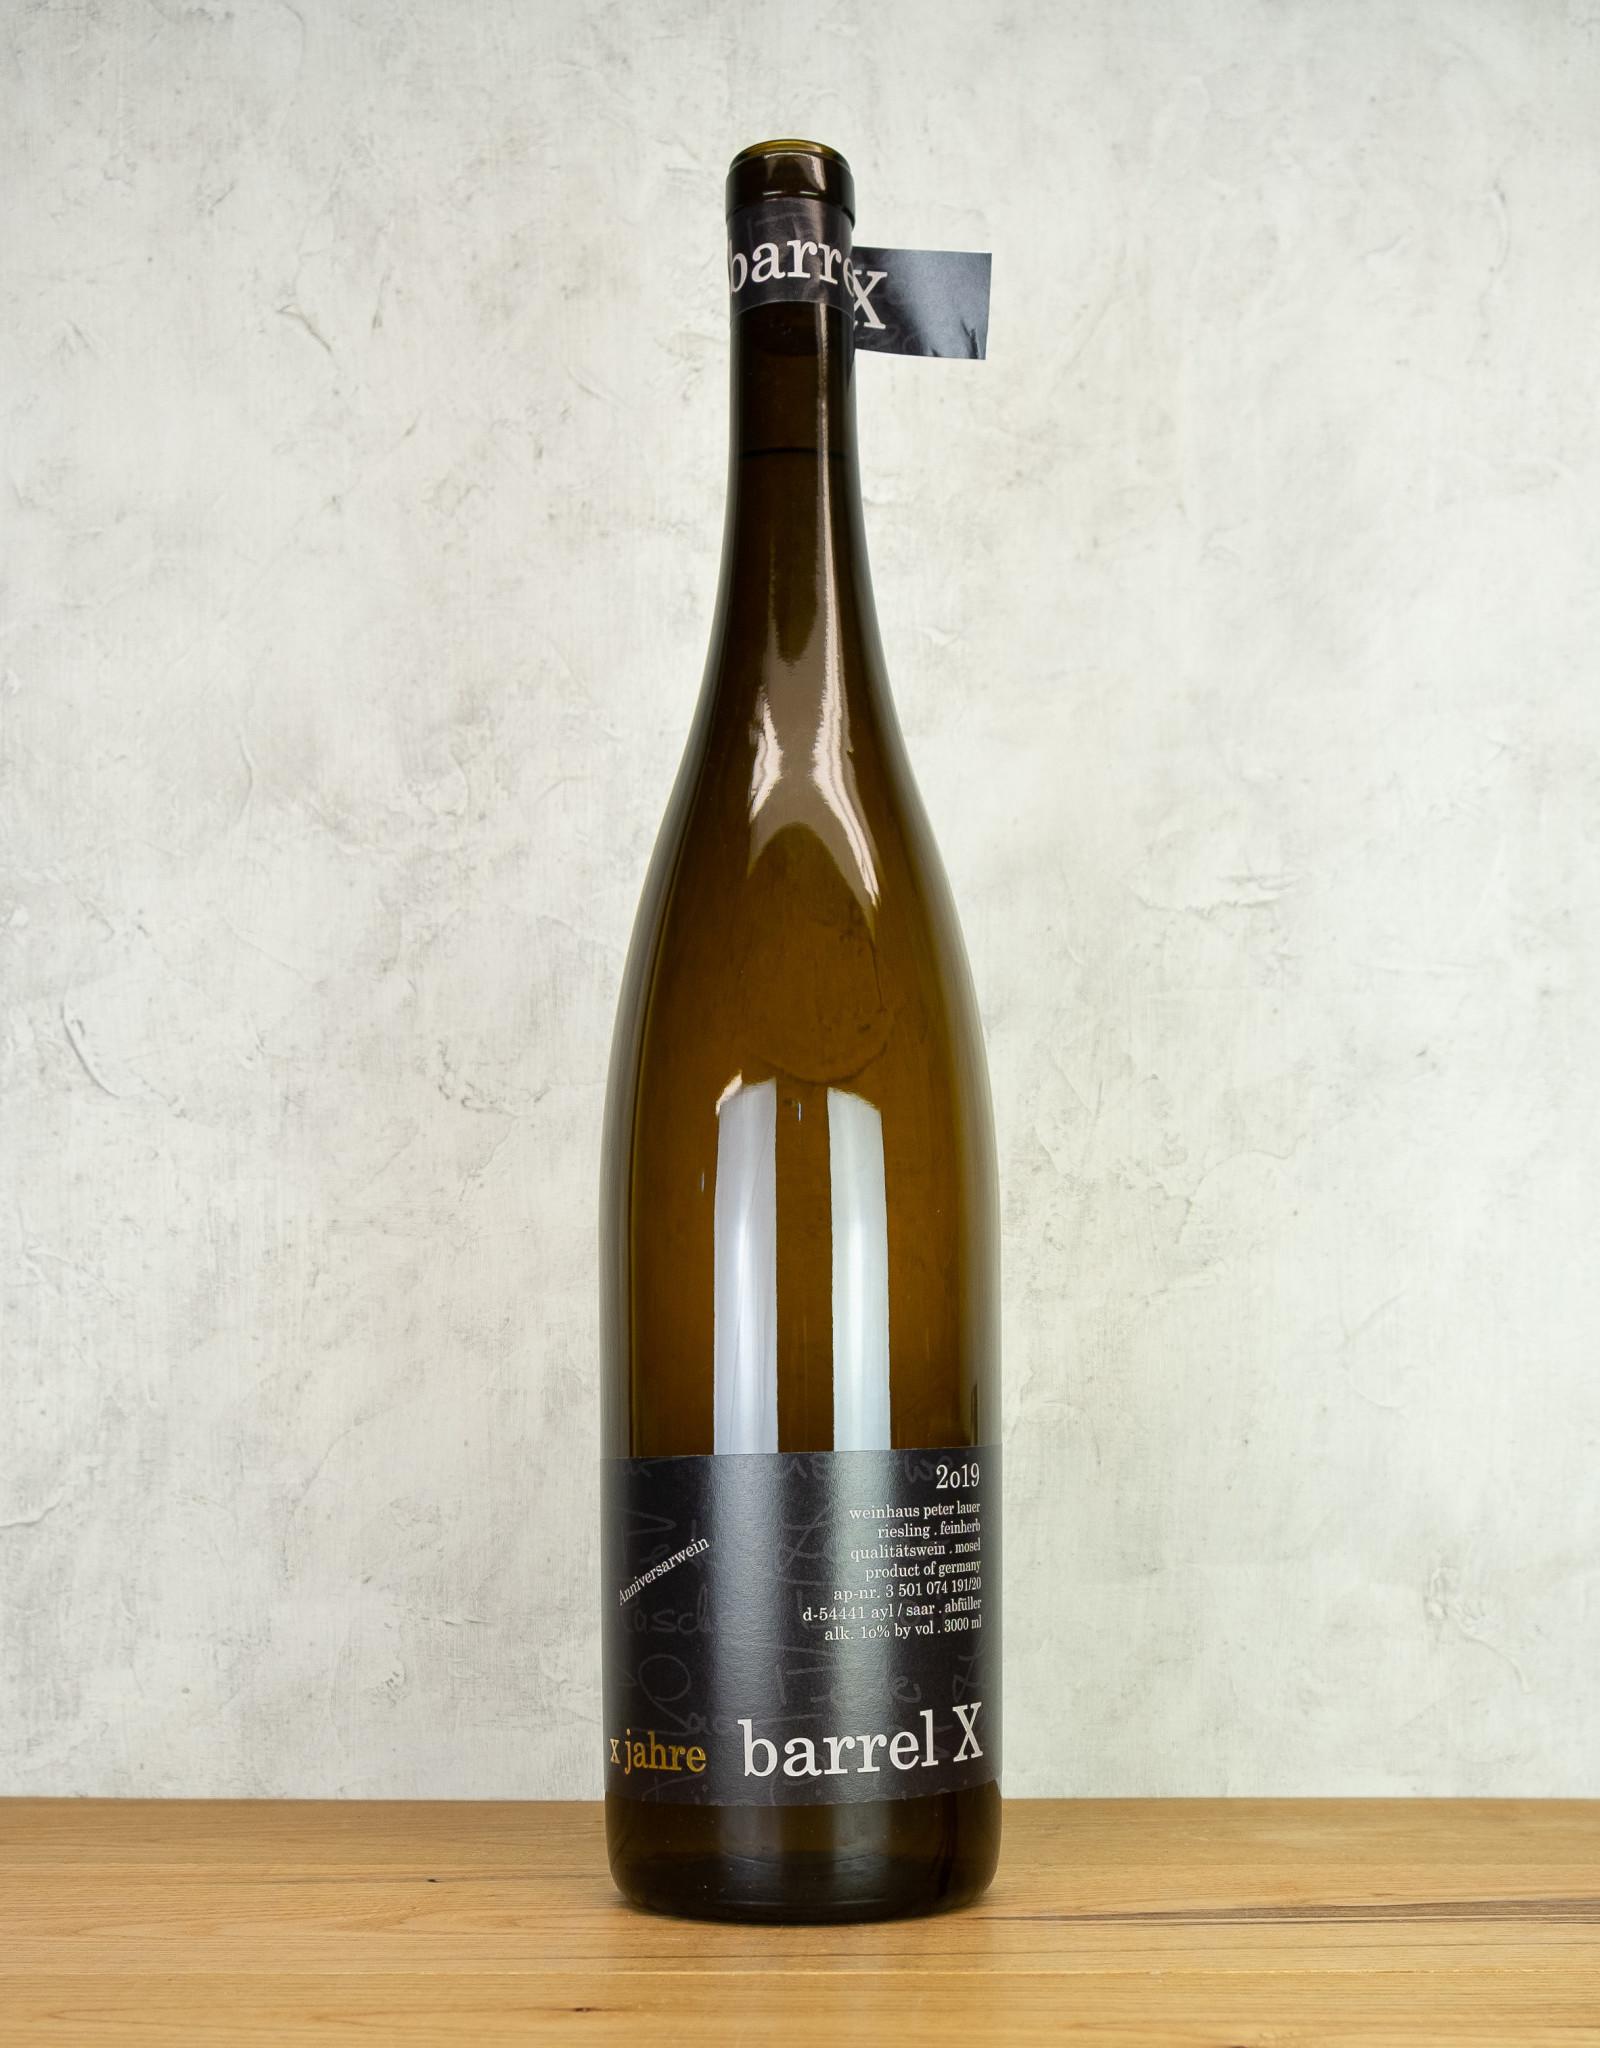 Lauer Barrel X 3L